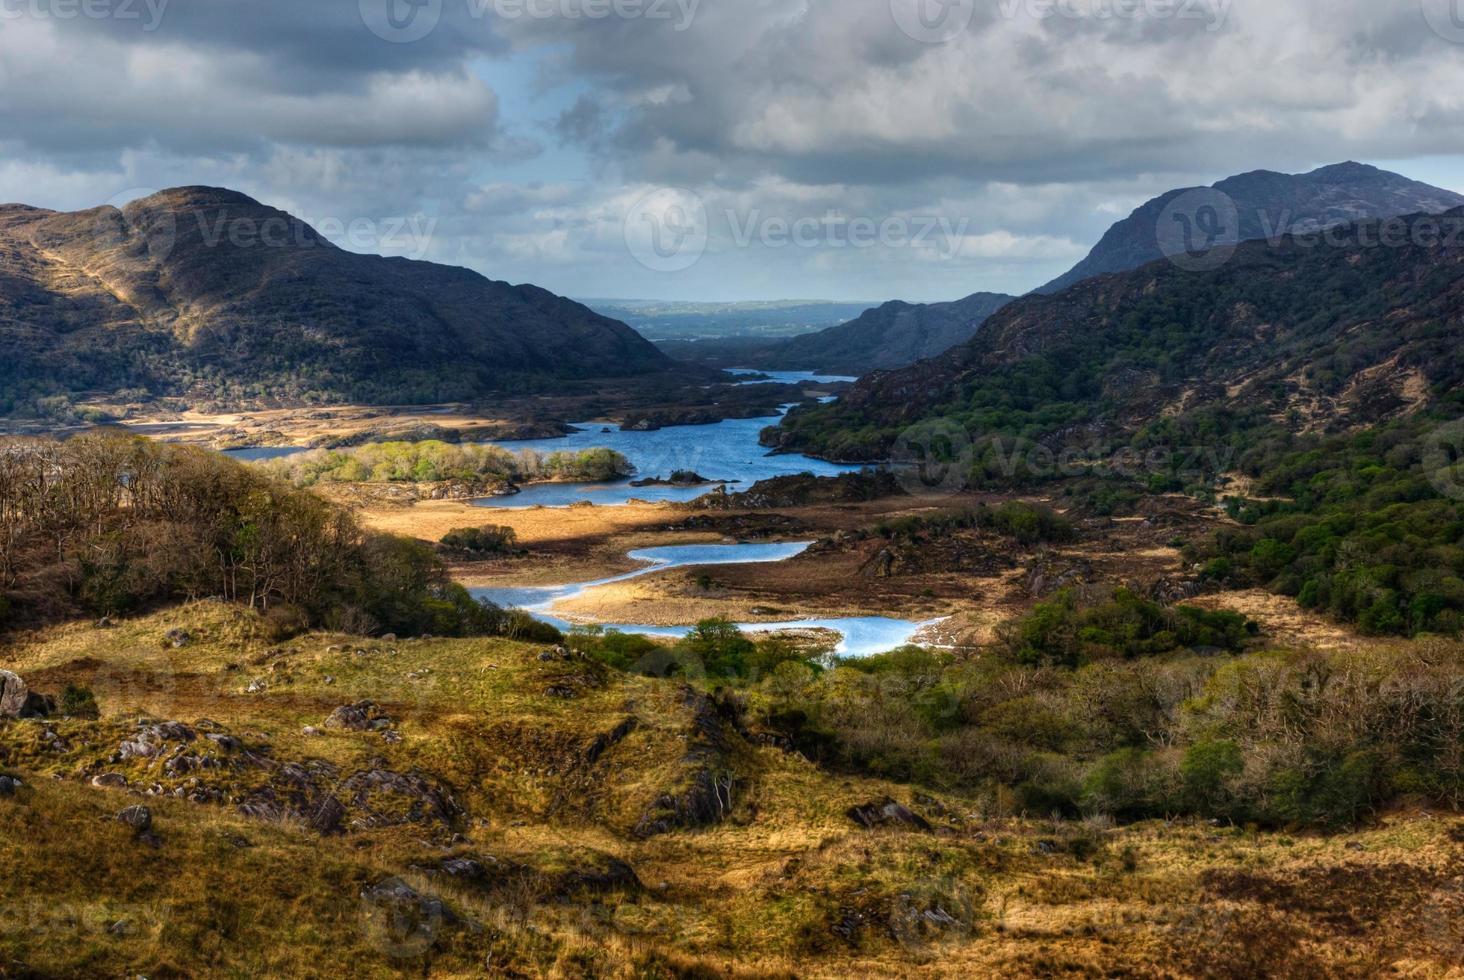 meren en bergen in wildernisgebied foto